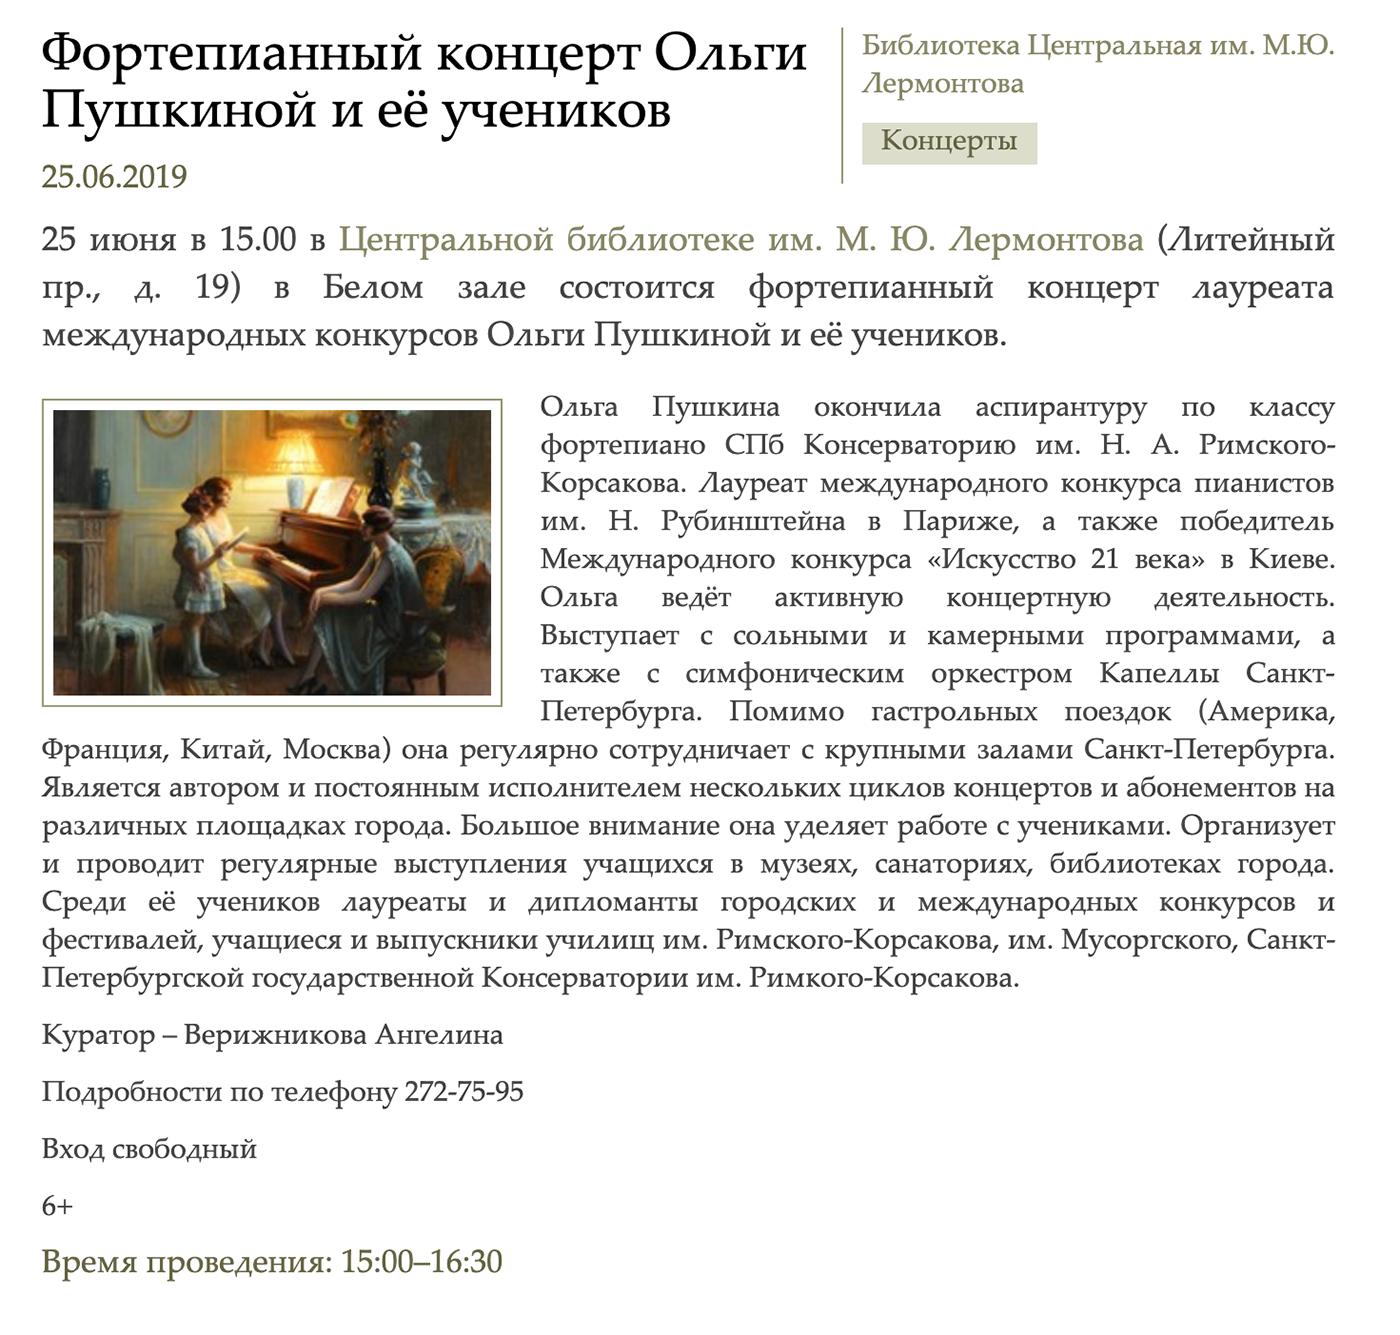 В начале лета был фортепианный концерт лауреата международных конкурсов Ольги Пушкиной и ее учеников. Но концерт начинался в 15:00 — не очень удобное время для работающих, поэтому мы на него не попали